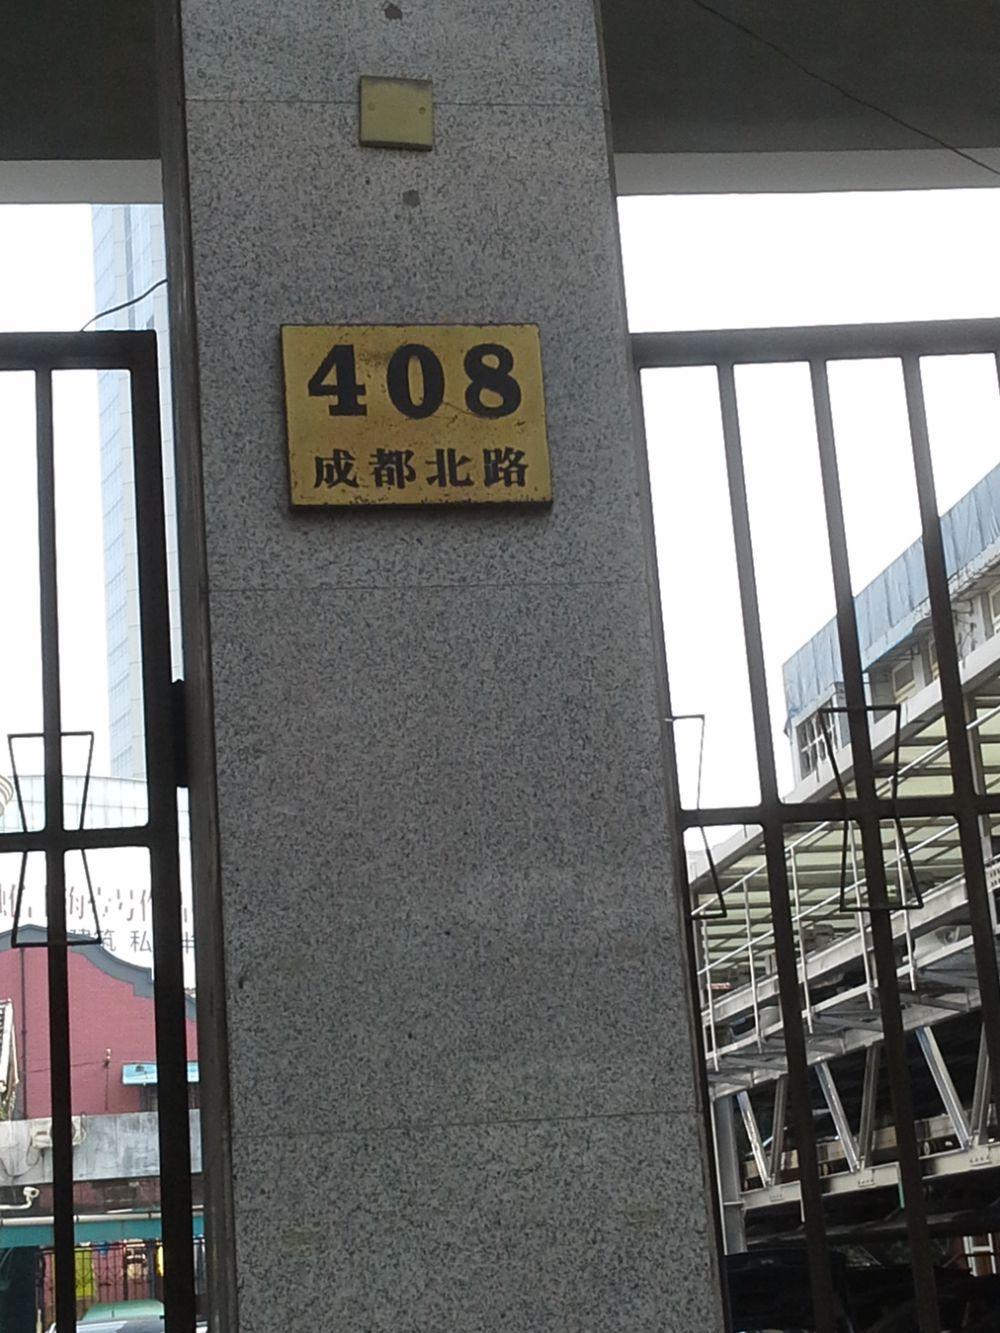 上海市a大全建筑设计研究院大全字体v大全植物图案图片欣赏图片